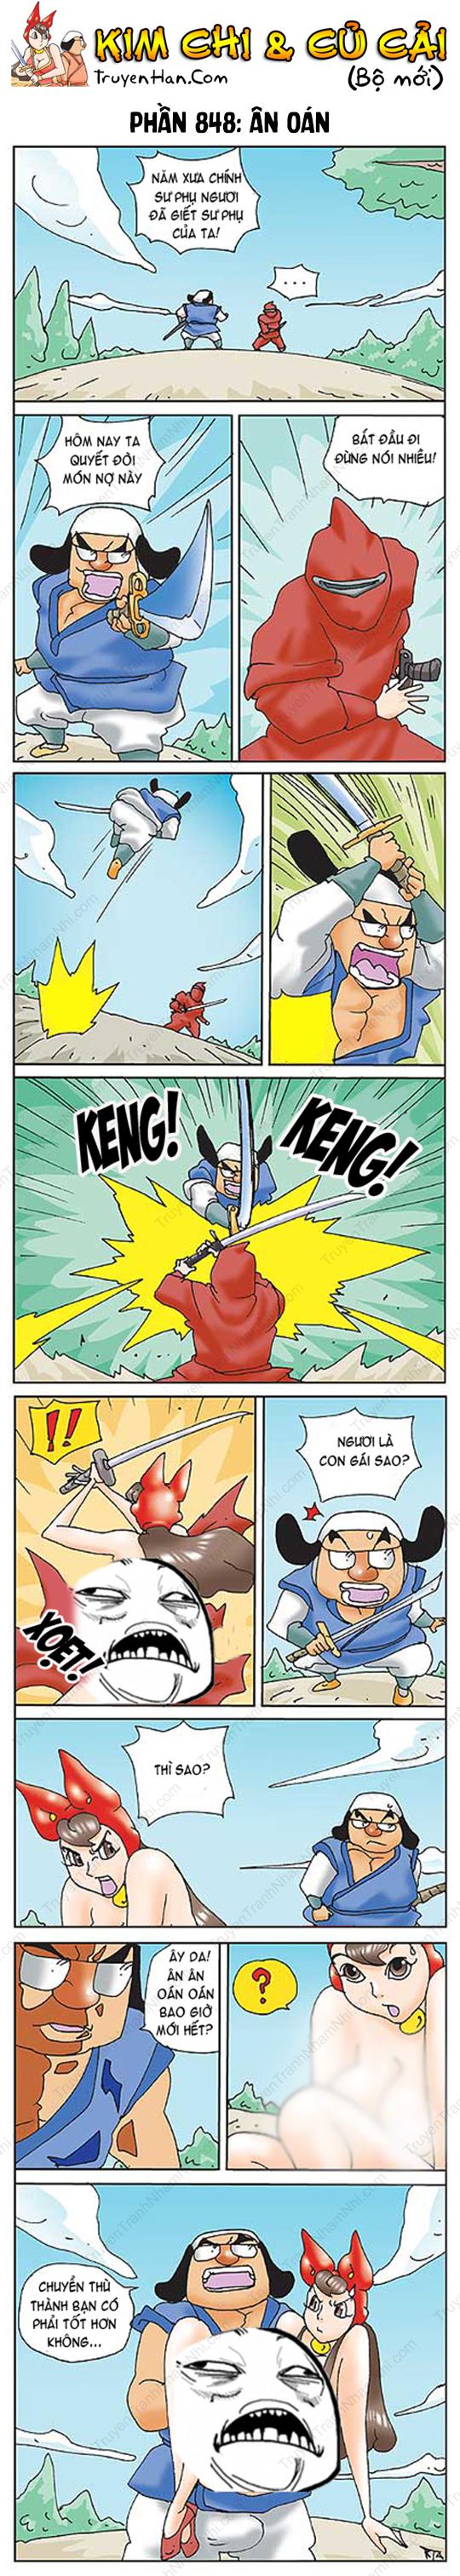 Kim Chi & Củ Cải (bộ mới) phần 848: Ân oán